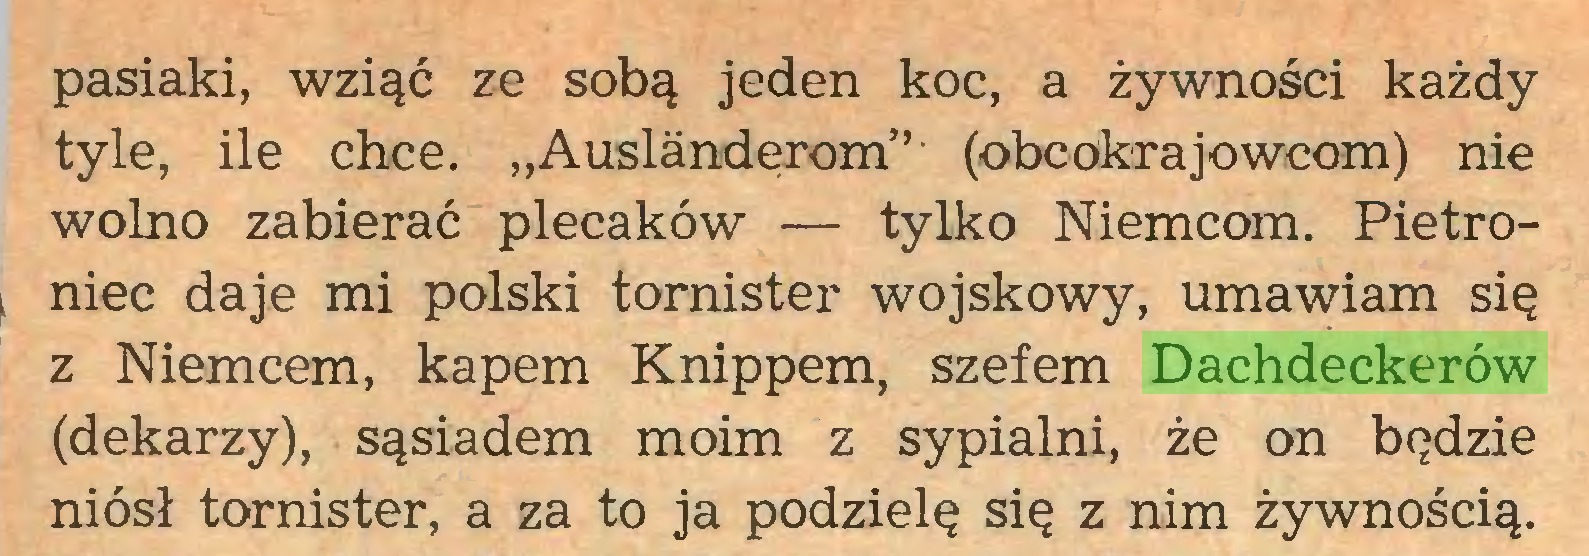 """(...) pasiaki, wziąć ze sobą jeden koc, a żywności każdy tyle, ile chce. """"Auslandęrom"""" (obcokrajowcom) nie wolno zabierać plecaków — tylko Niemcom. Pietroniec daje mi polski tornister wojskowy, umawiam się z Niemcem, kapem Knippem, szefem Dachdeckerów (dekarzy), sąsiadem moim z sypialni, że on będzie niósł tornister, a za to ja podzielę się z nim żywnością..."""